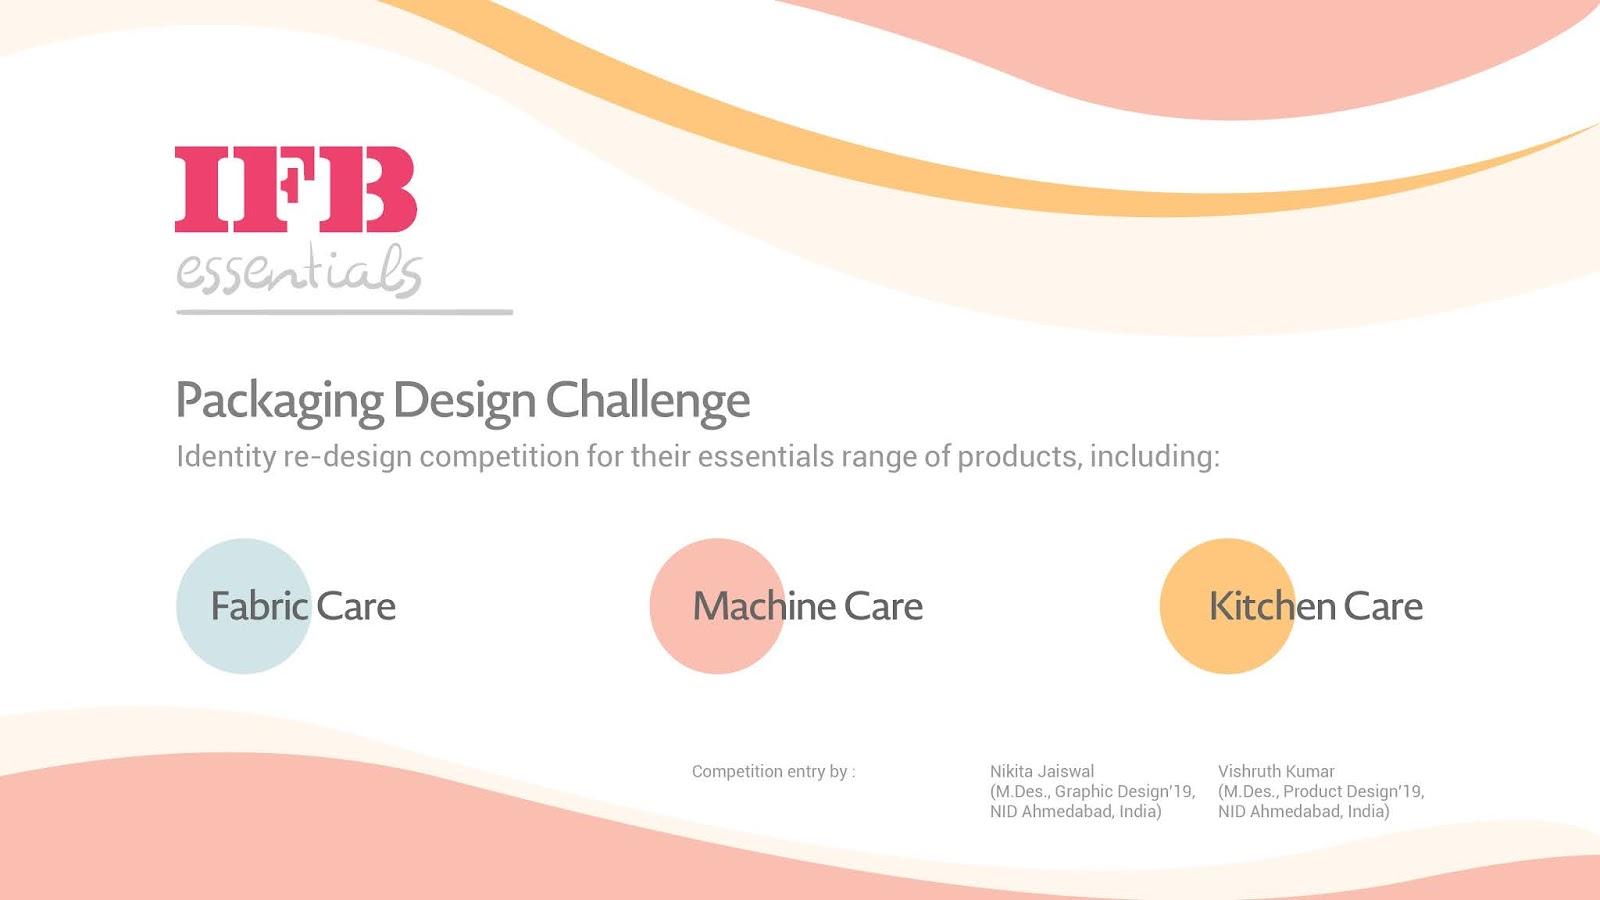 IFB essentials Packaging Design Challenge